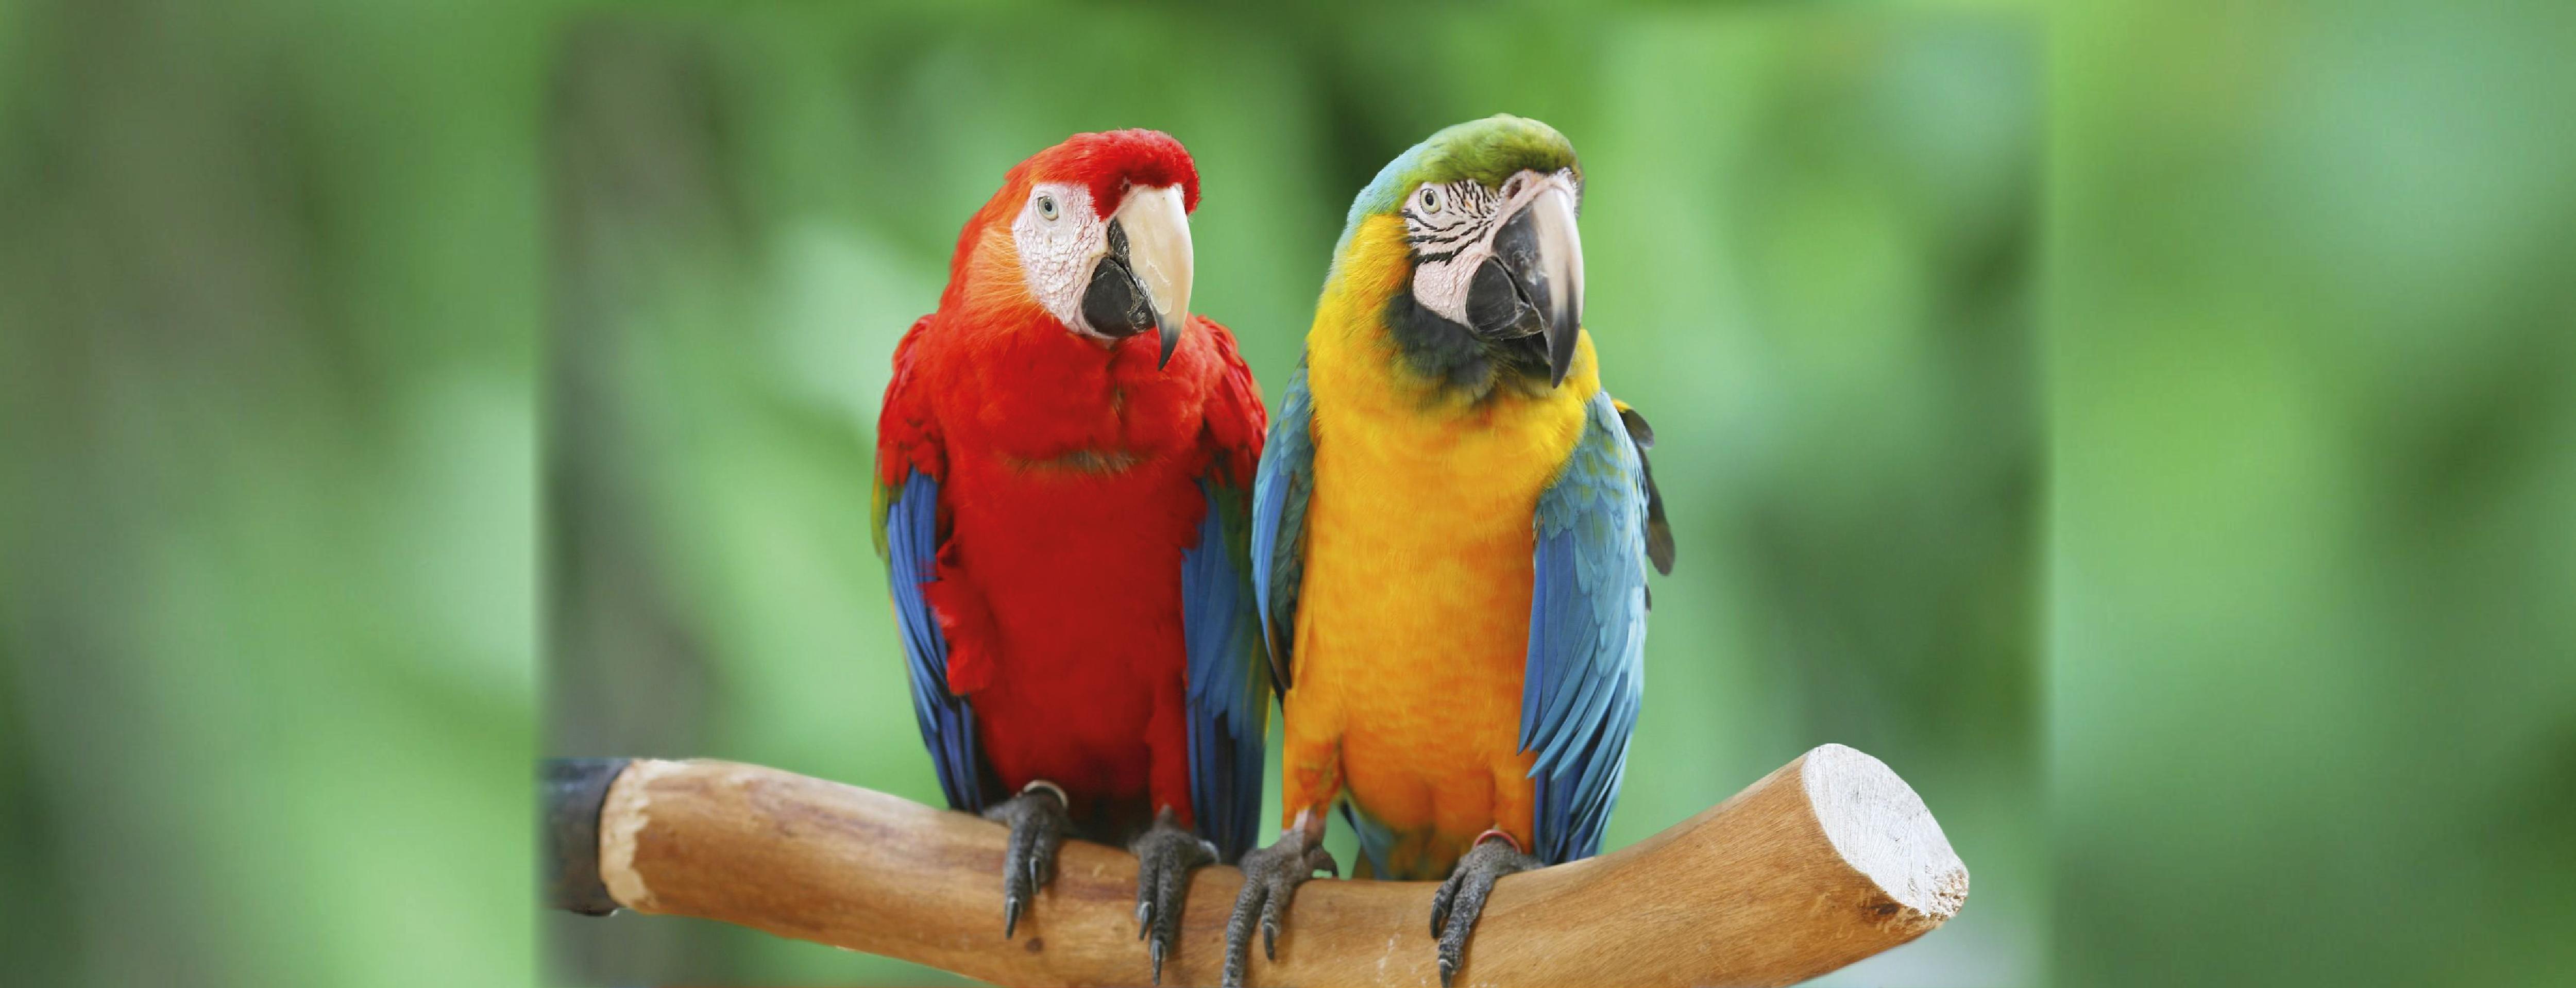 pappagalli-01